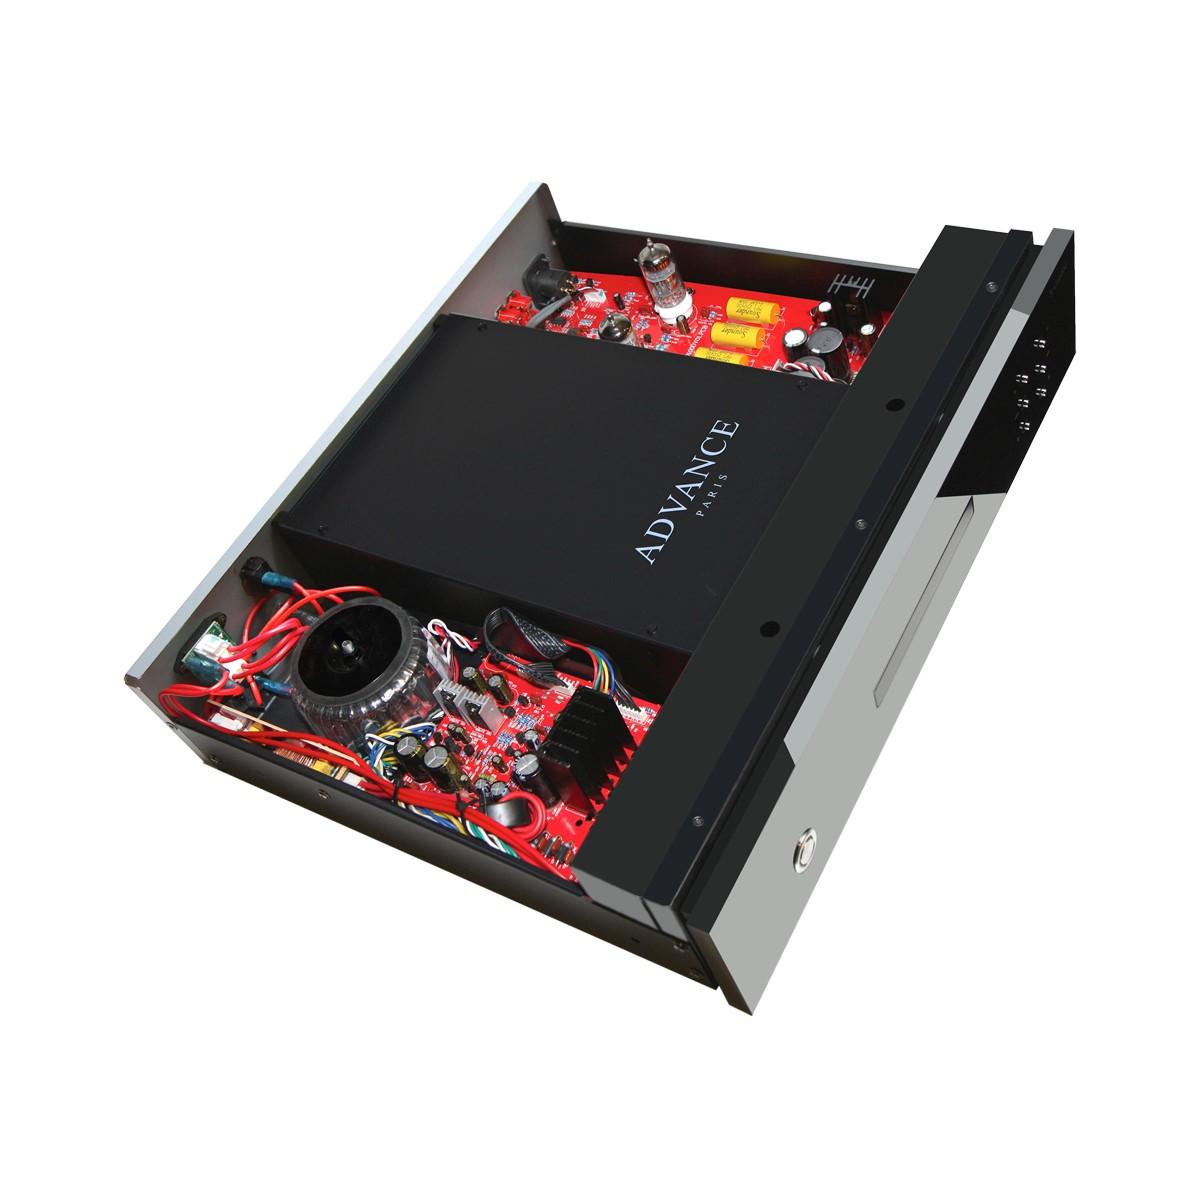 X-CD 1000 - Inside